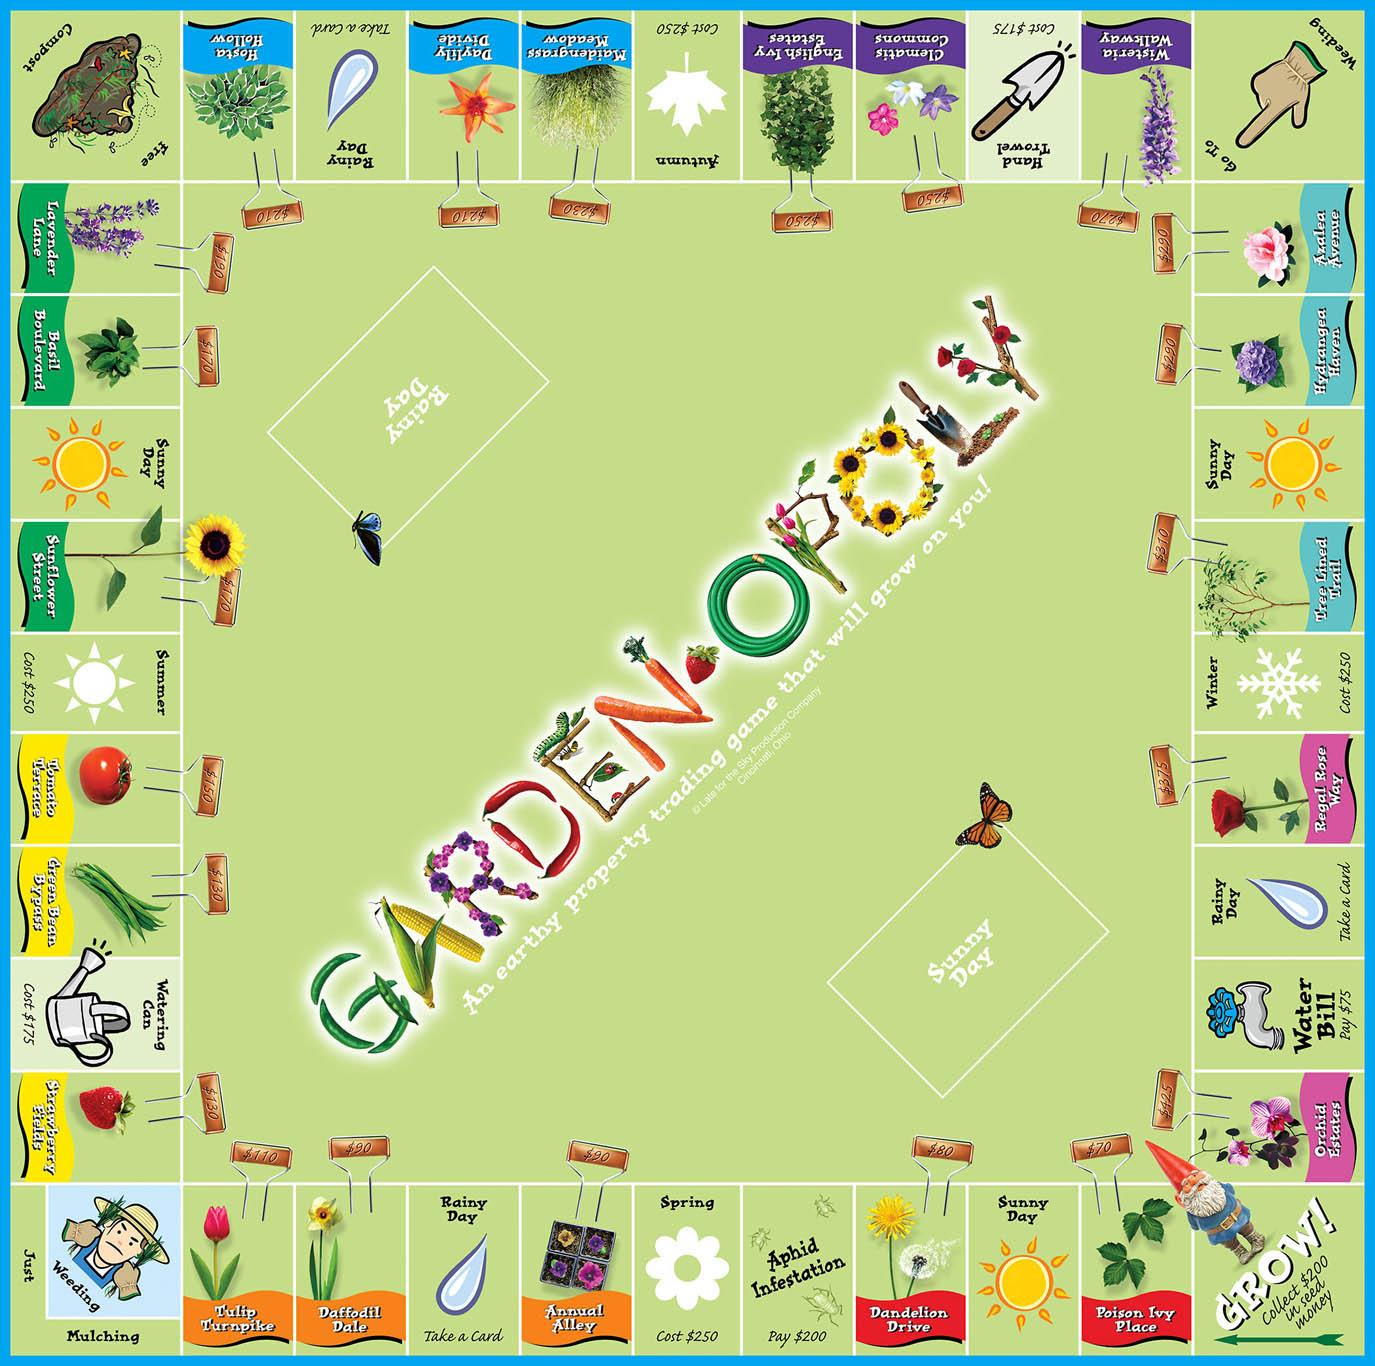 GARDEN-OPOLY Board Game